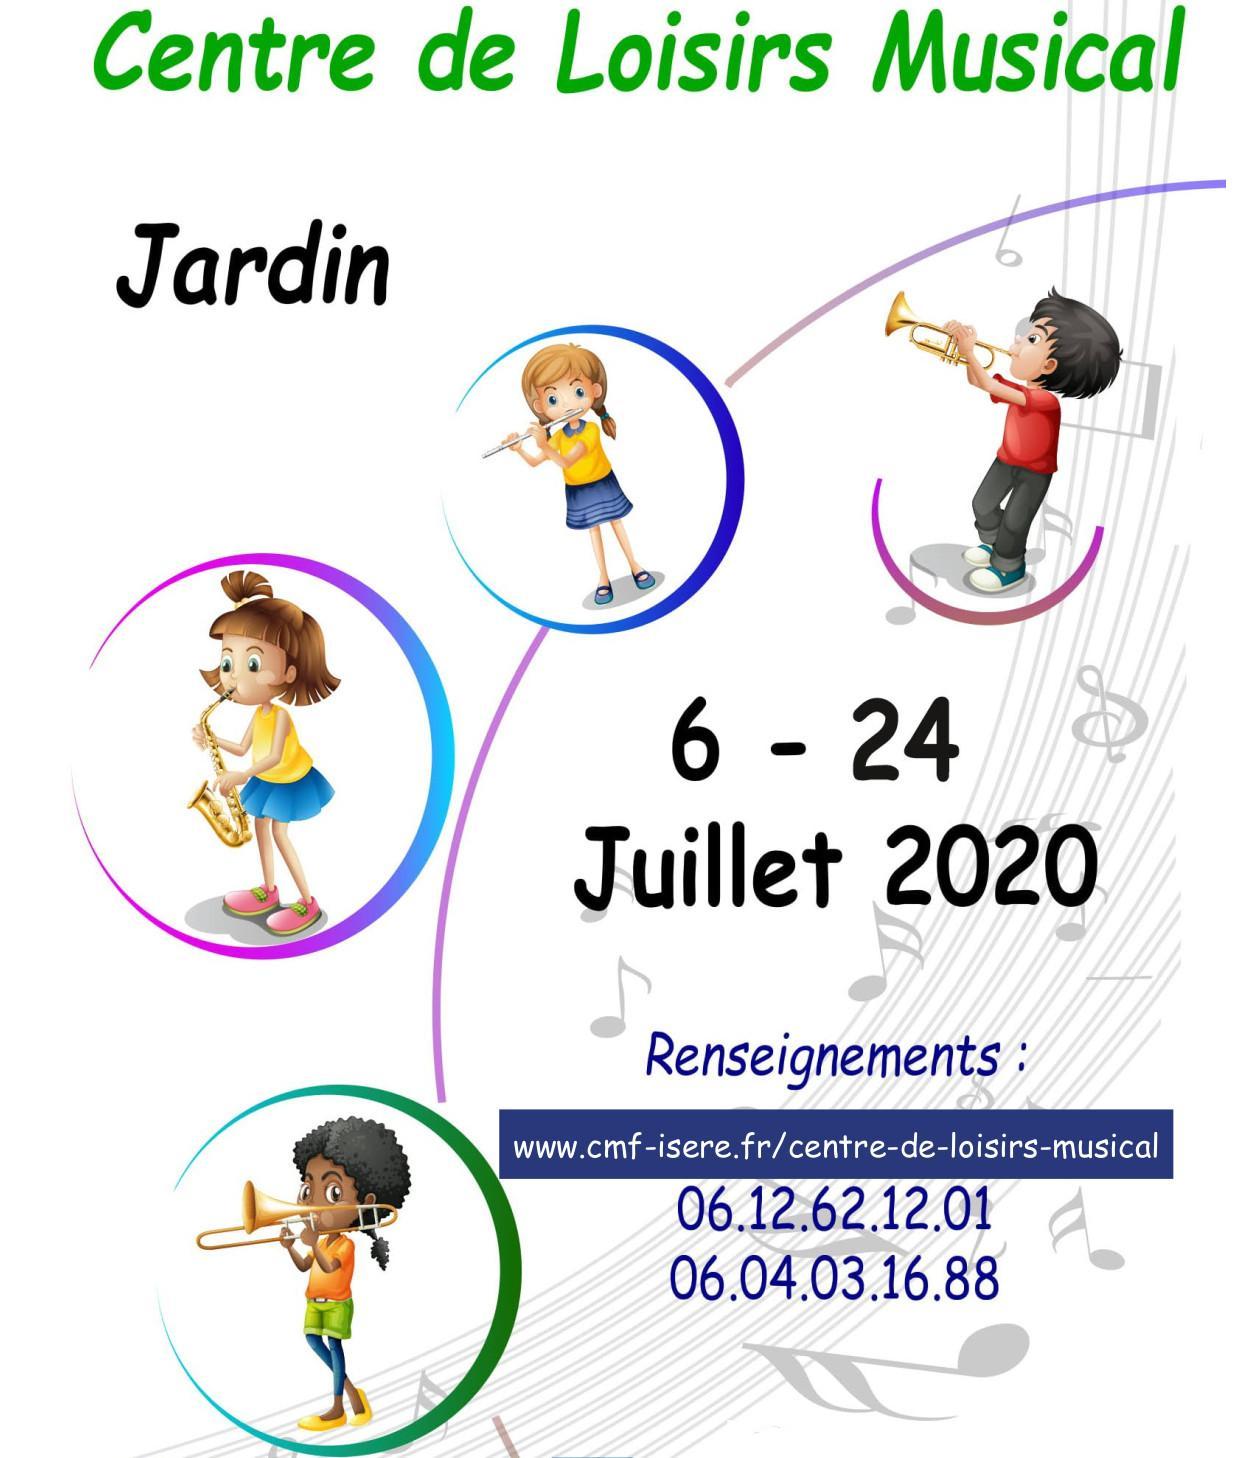 centre de loisirs musical 2020 Jardin isère